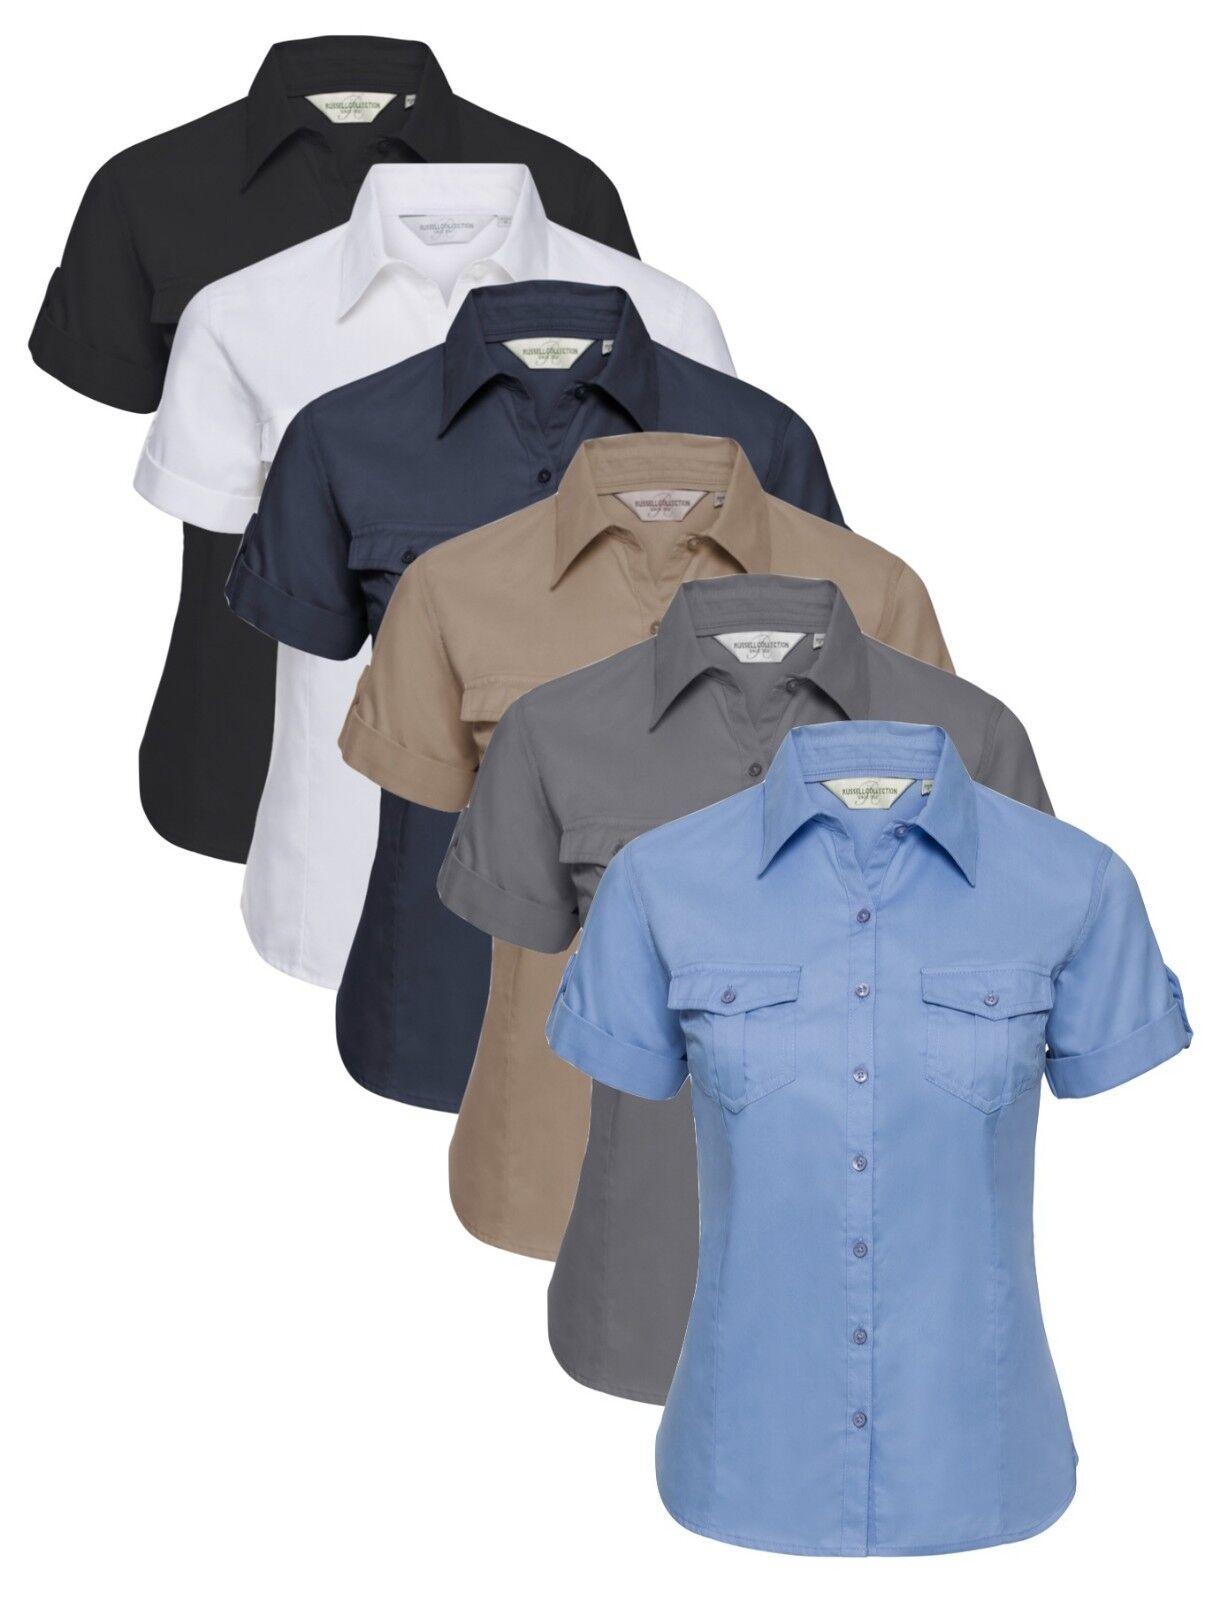 Damen Blau Schwarz Beige Weiß Grau Rollärmel Baumwolltwill Hemd BlauSE | Großhandel  | Der Schatz des Kindes, unser Glück  | Sehr gelobt und vom Publikum der Verbraucher geschätzt  | Vogue  | Kunde zuerst